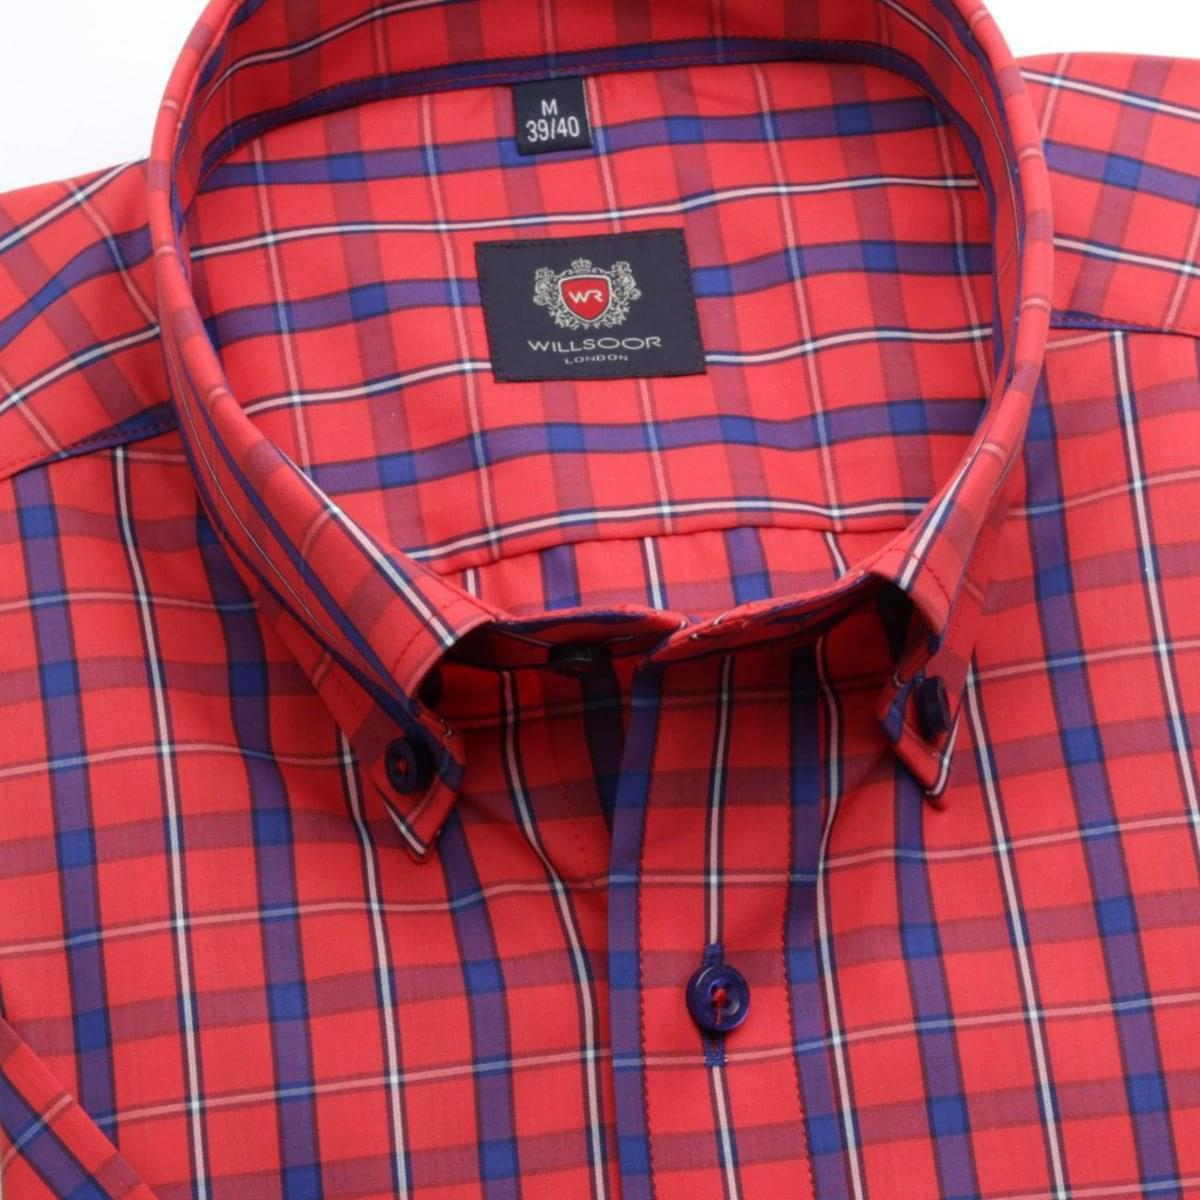 Pánská klasická košile London (výška 176-182) 6561 v červené barvě s formulí Easy Care 176-182 / L (41/42)